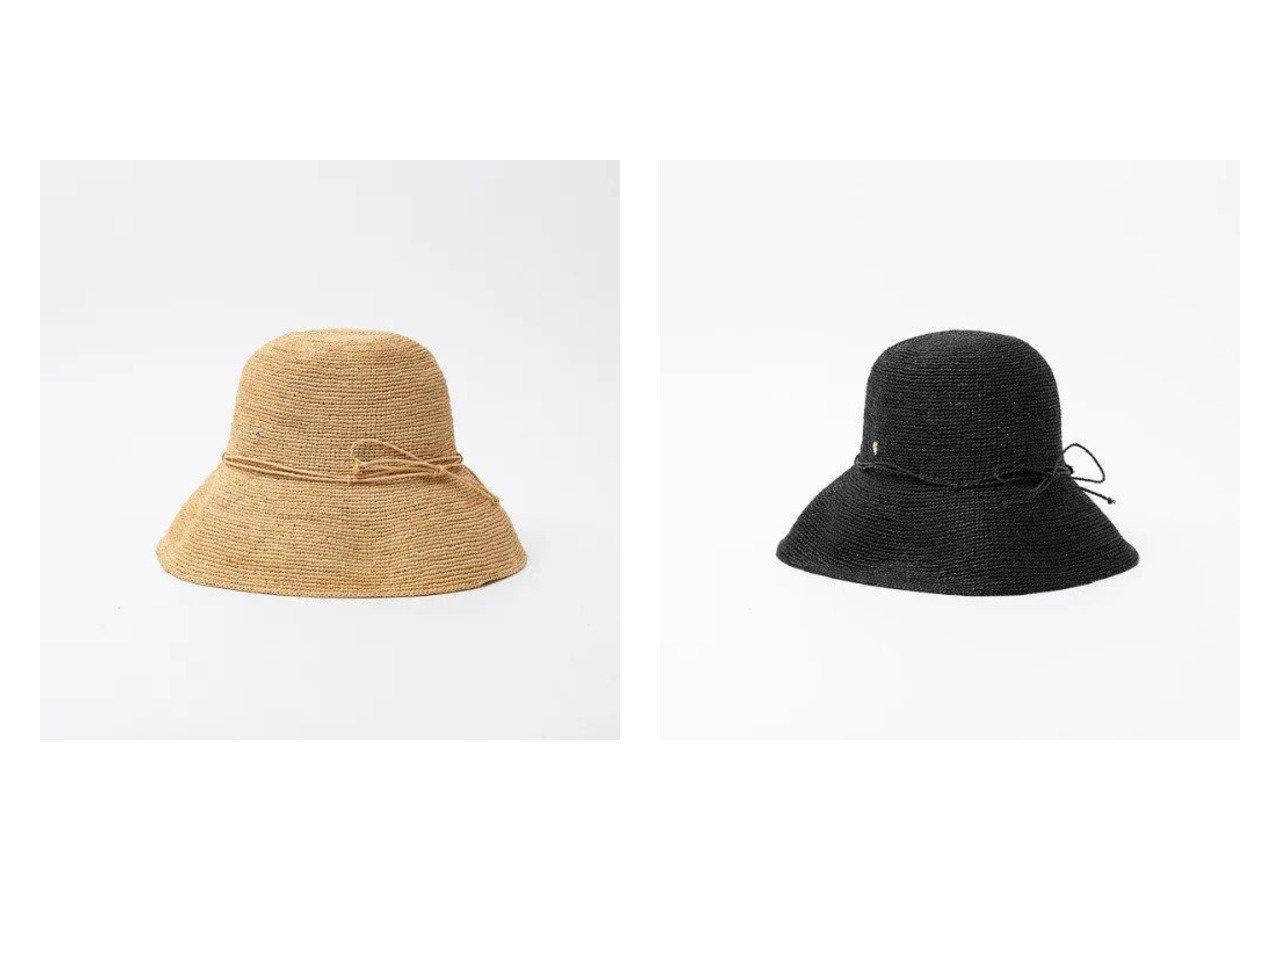 【DESIGN WORKS/デザイン ワークス】のHELEN KAMINSKI Provence 10 HAT おすすめ!人気、トレンド・レディースファッションの通販 おすすめで人気の流行・トレンド、ファッションの通販商品 インテリア・家具・メンズファッション・キッズファッション・レディースファッション・服の通販 founy(ファニー) https://founy.com/ ファッション Fashion レディースファッション WOMEN 帽子 Hats ラフィア 定番 Standard 帽子 |ID:crp329100000071687